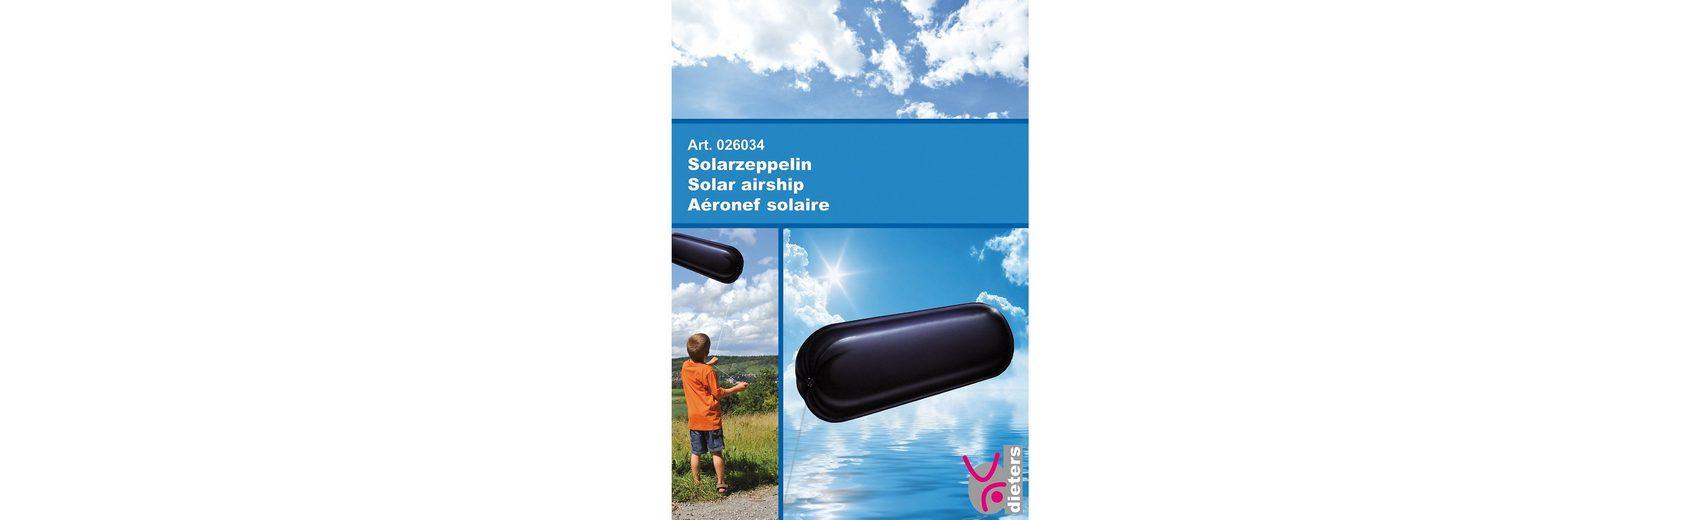 Experiement XL-Solarzeppelin